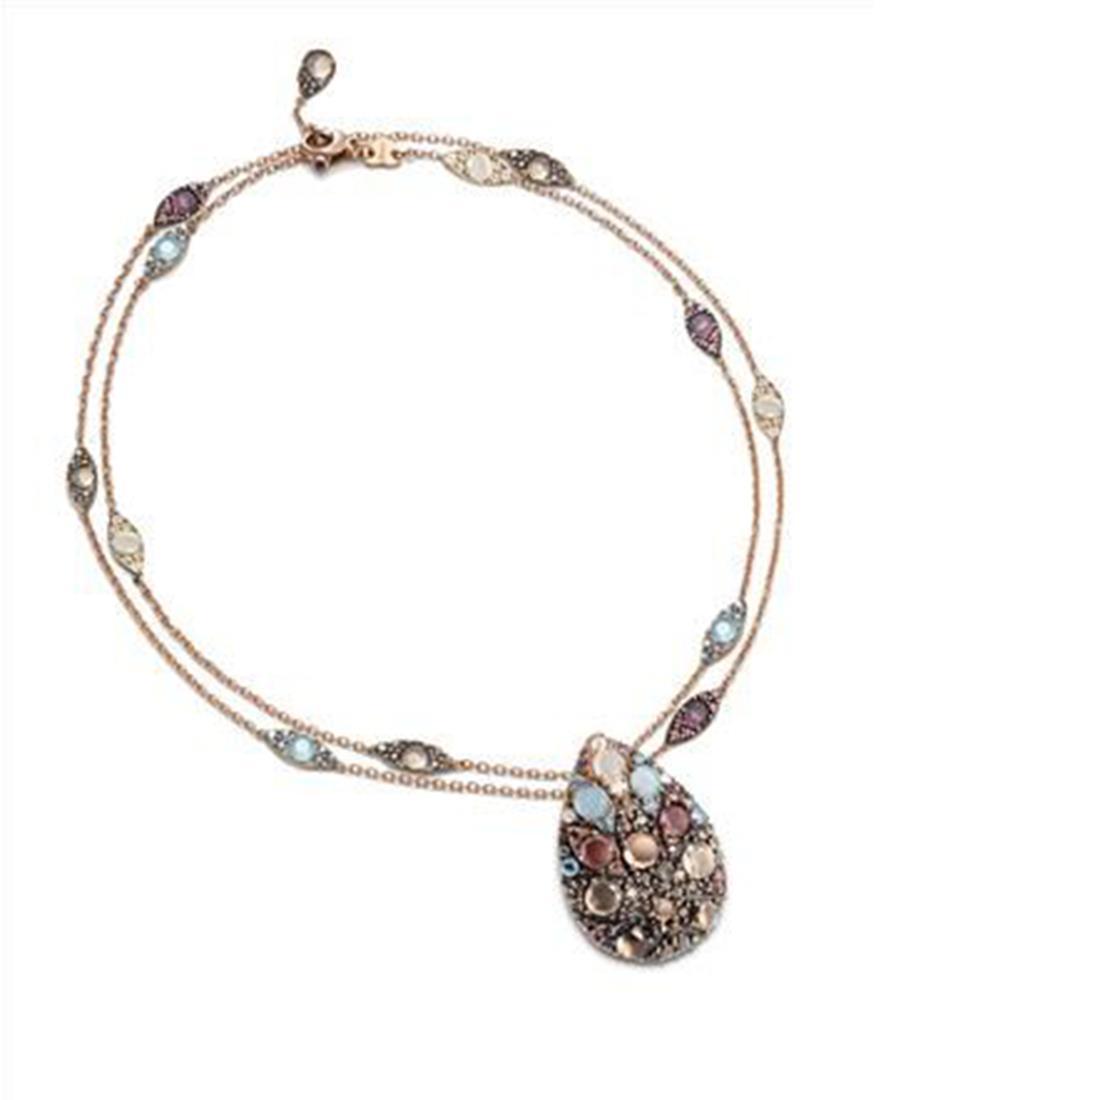 Collana in oro rosa fantasia mandala con rubini ct 0.06 - PASQUALE BRUNI